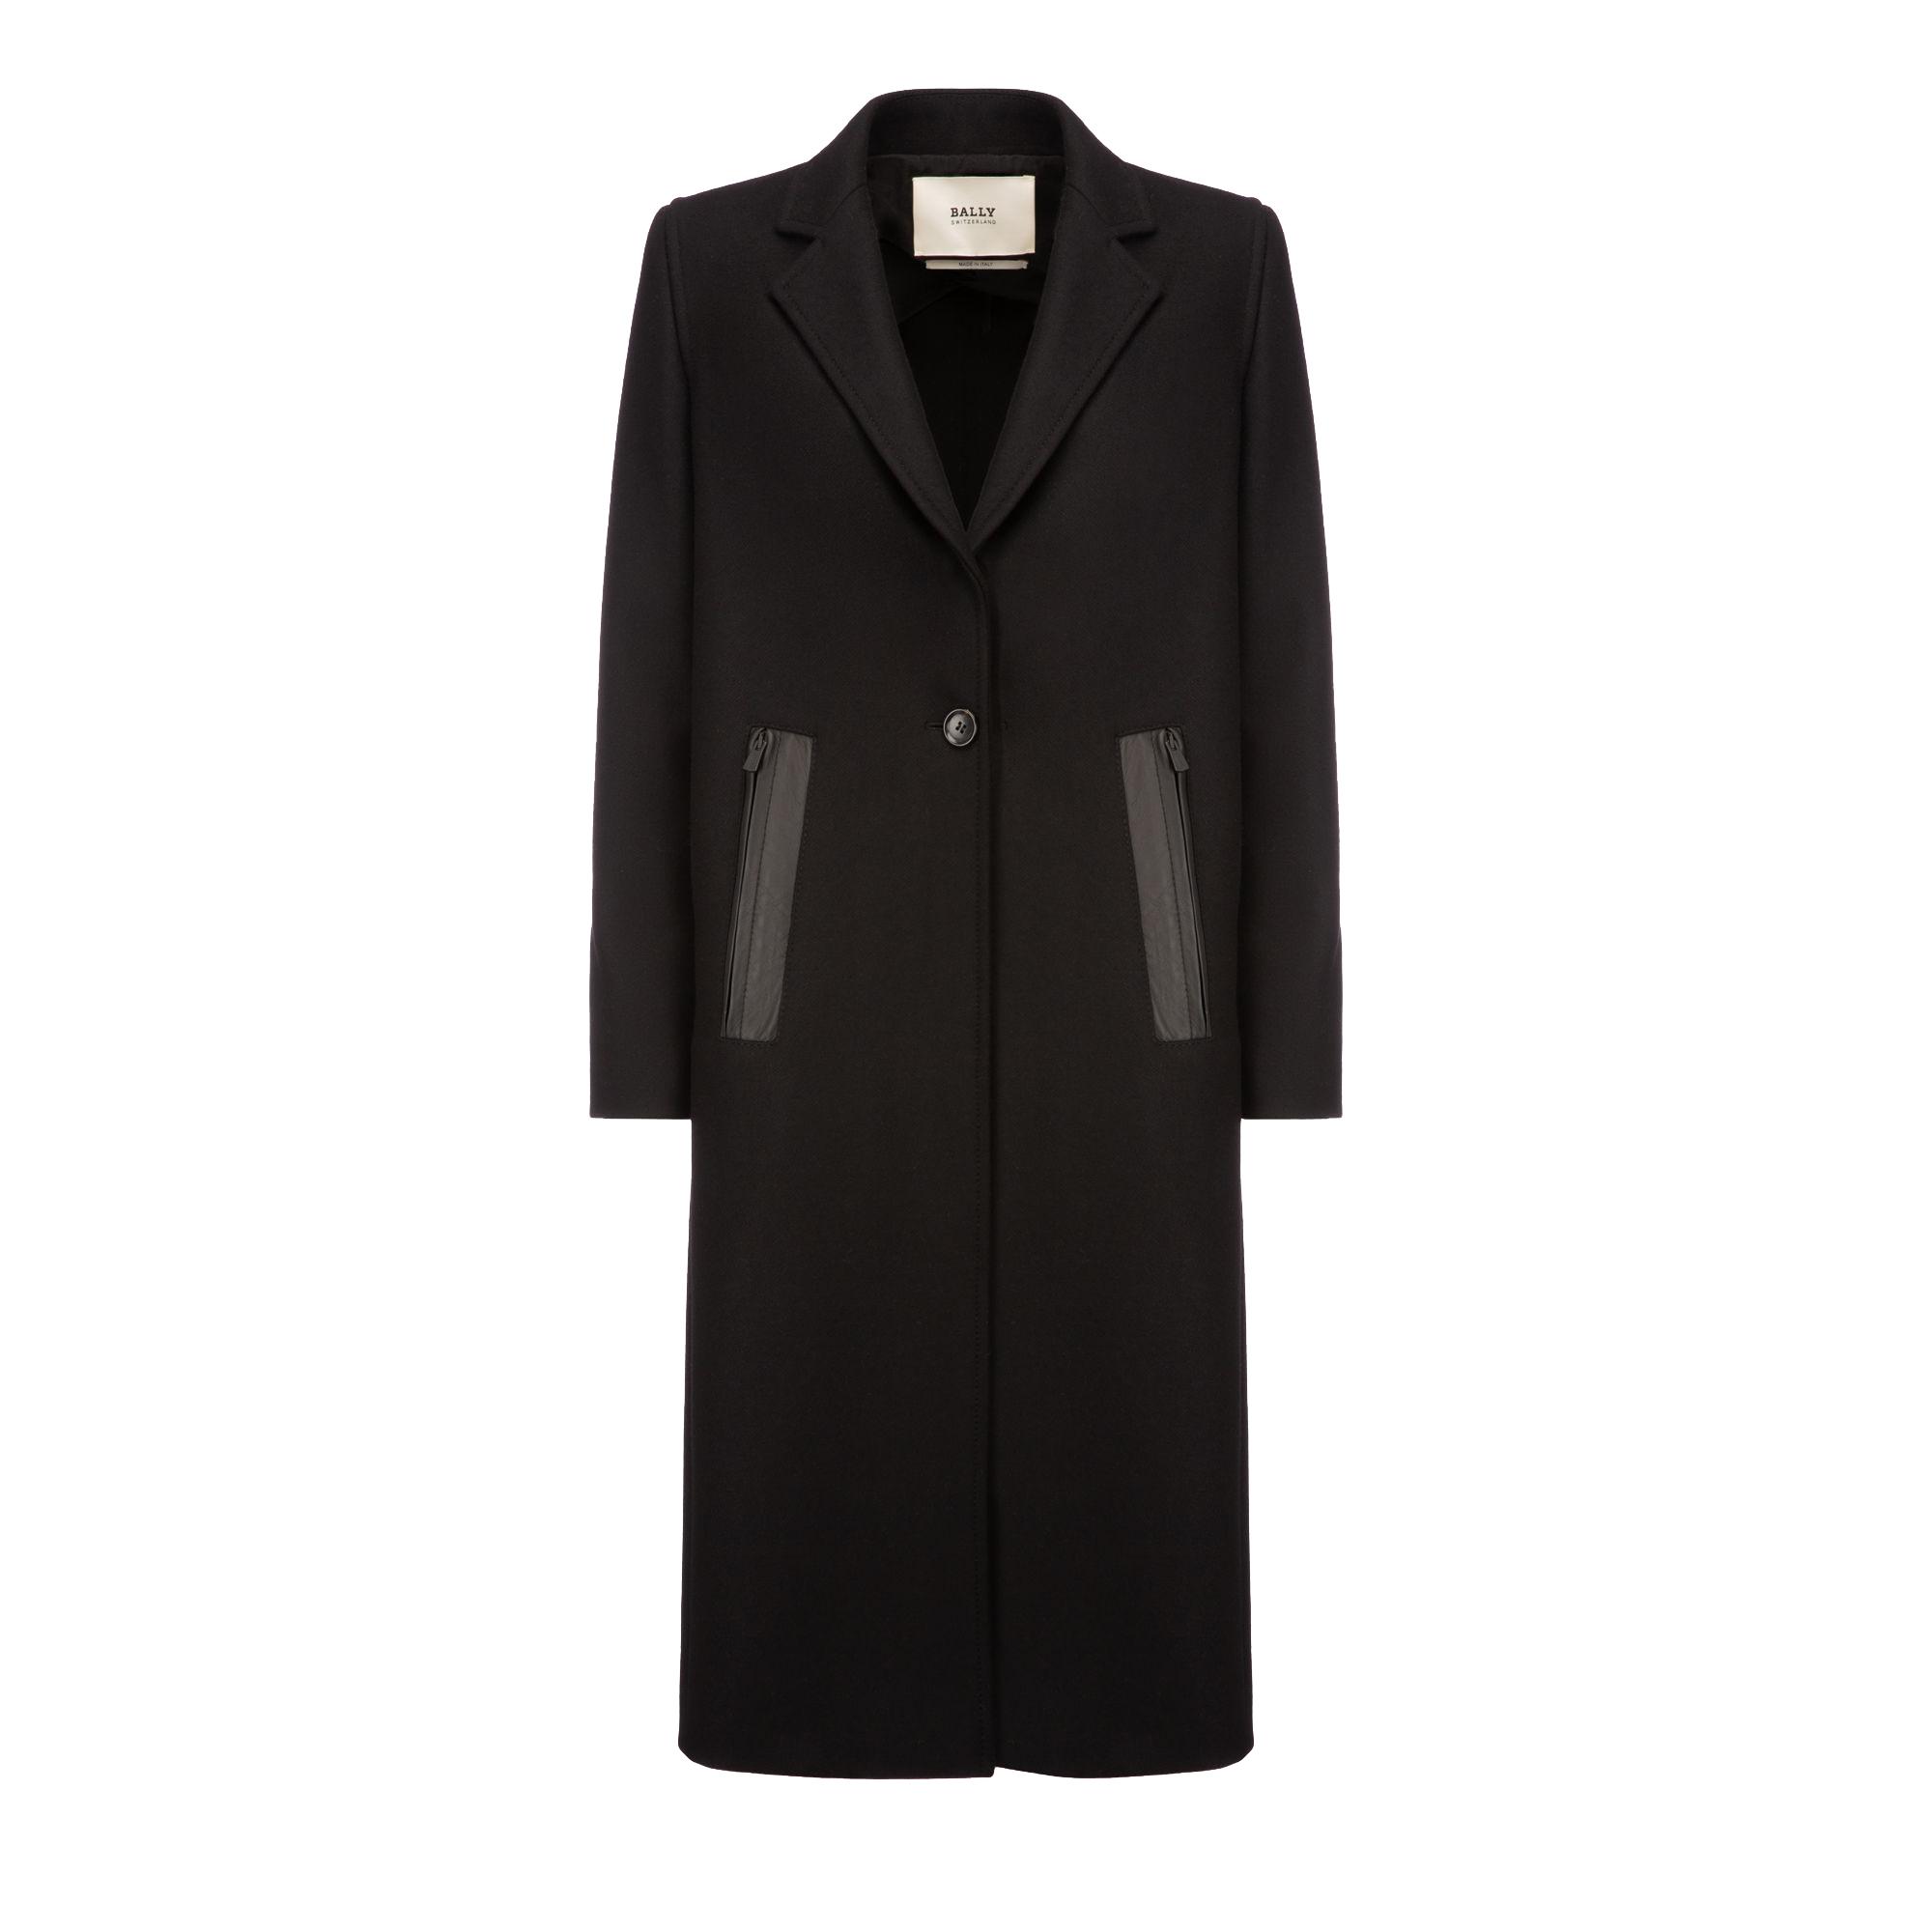 Bally Single Breasted Long Coat